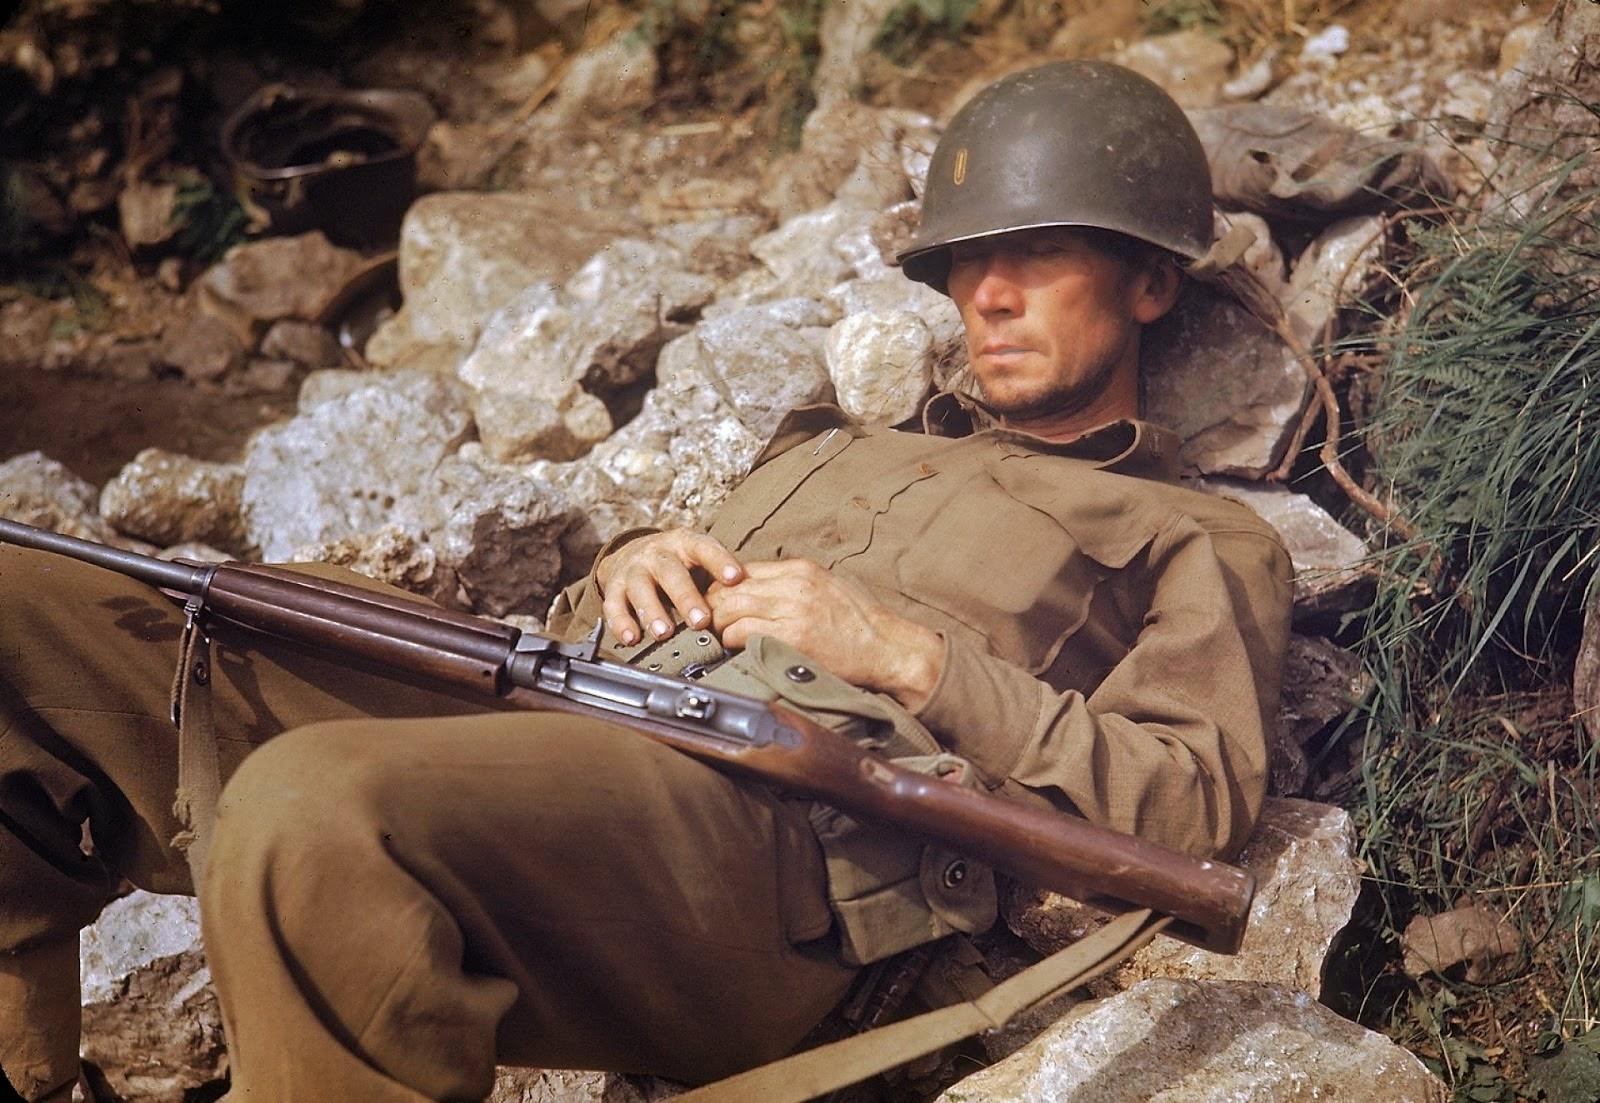 http://3.bp.blogspot.com/-c27XObQ83dE/VLaZz94xeyI/AAAAAAABOJ4/ktRgGh6lOGQ/s1600/Rare+Color+Photographs+from+World+War+II+(12).jpg